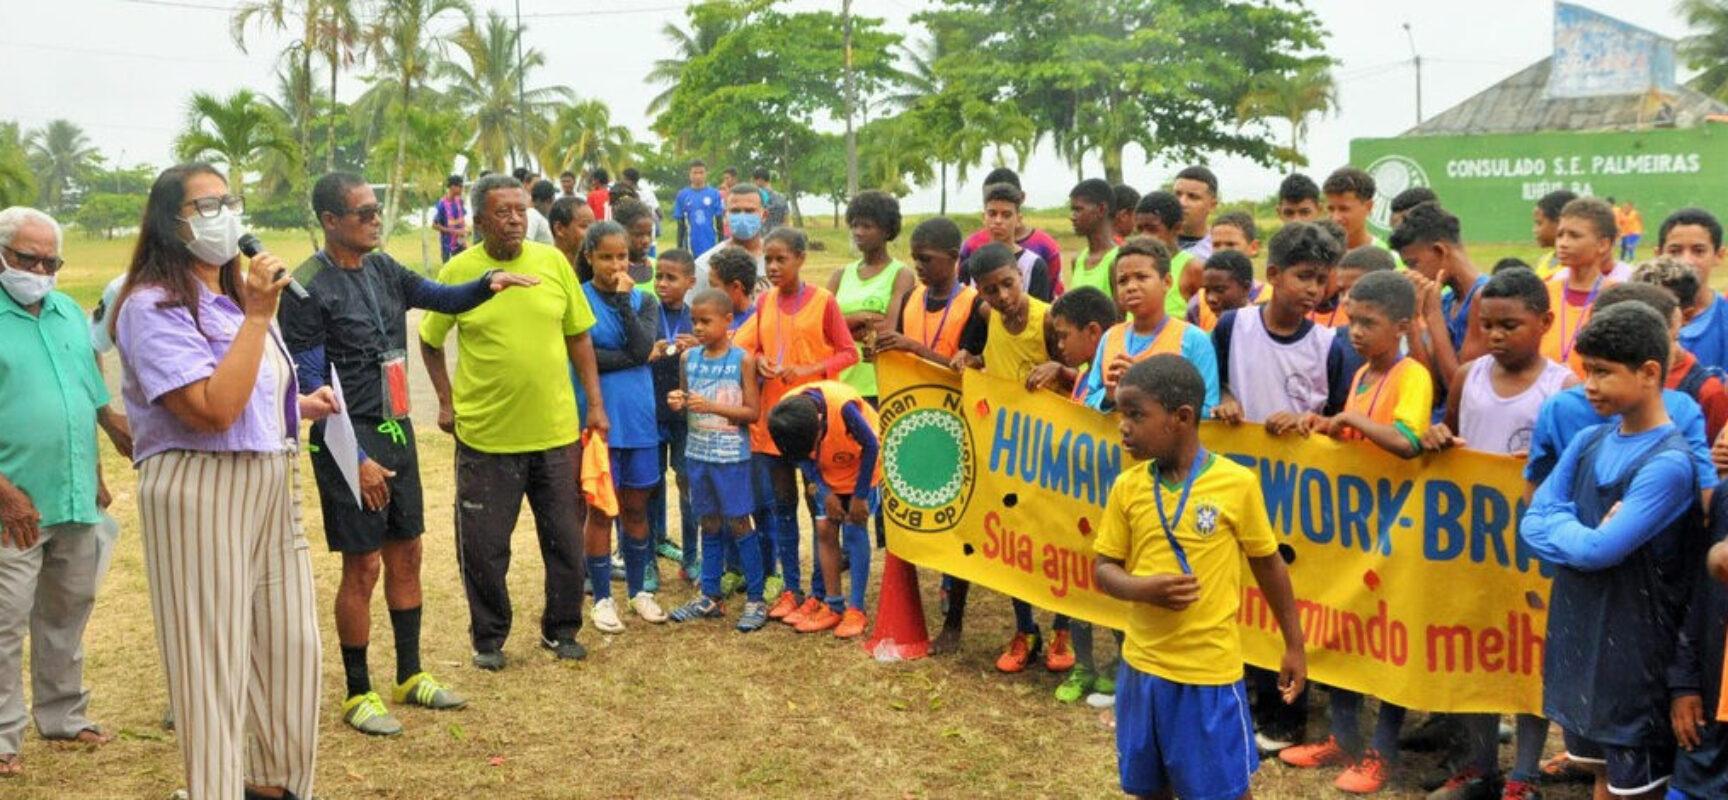 Escolinha de Esportes Os Meninos de Ilhéus promove torneio infanto-juvenil em homenagem ao dia das crianças, na litorânea norte